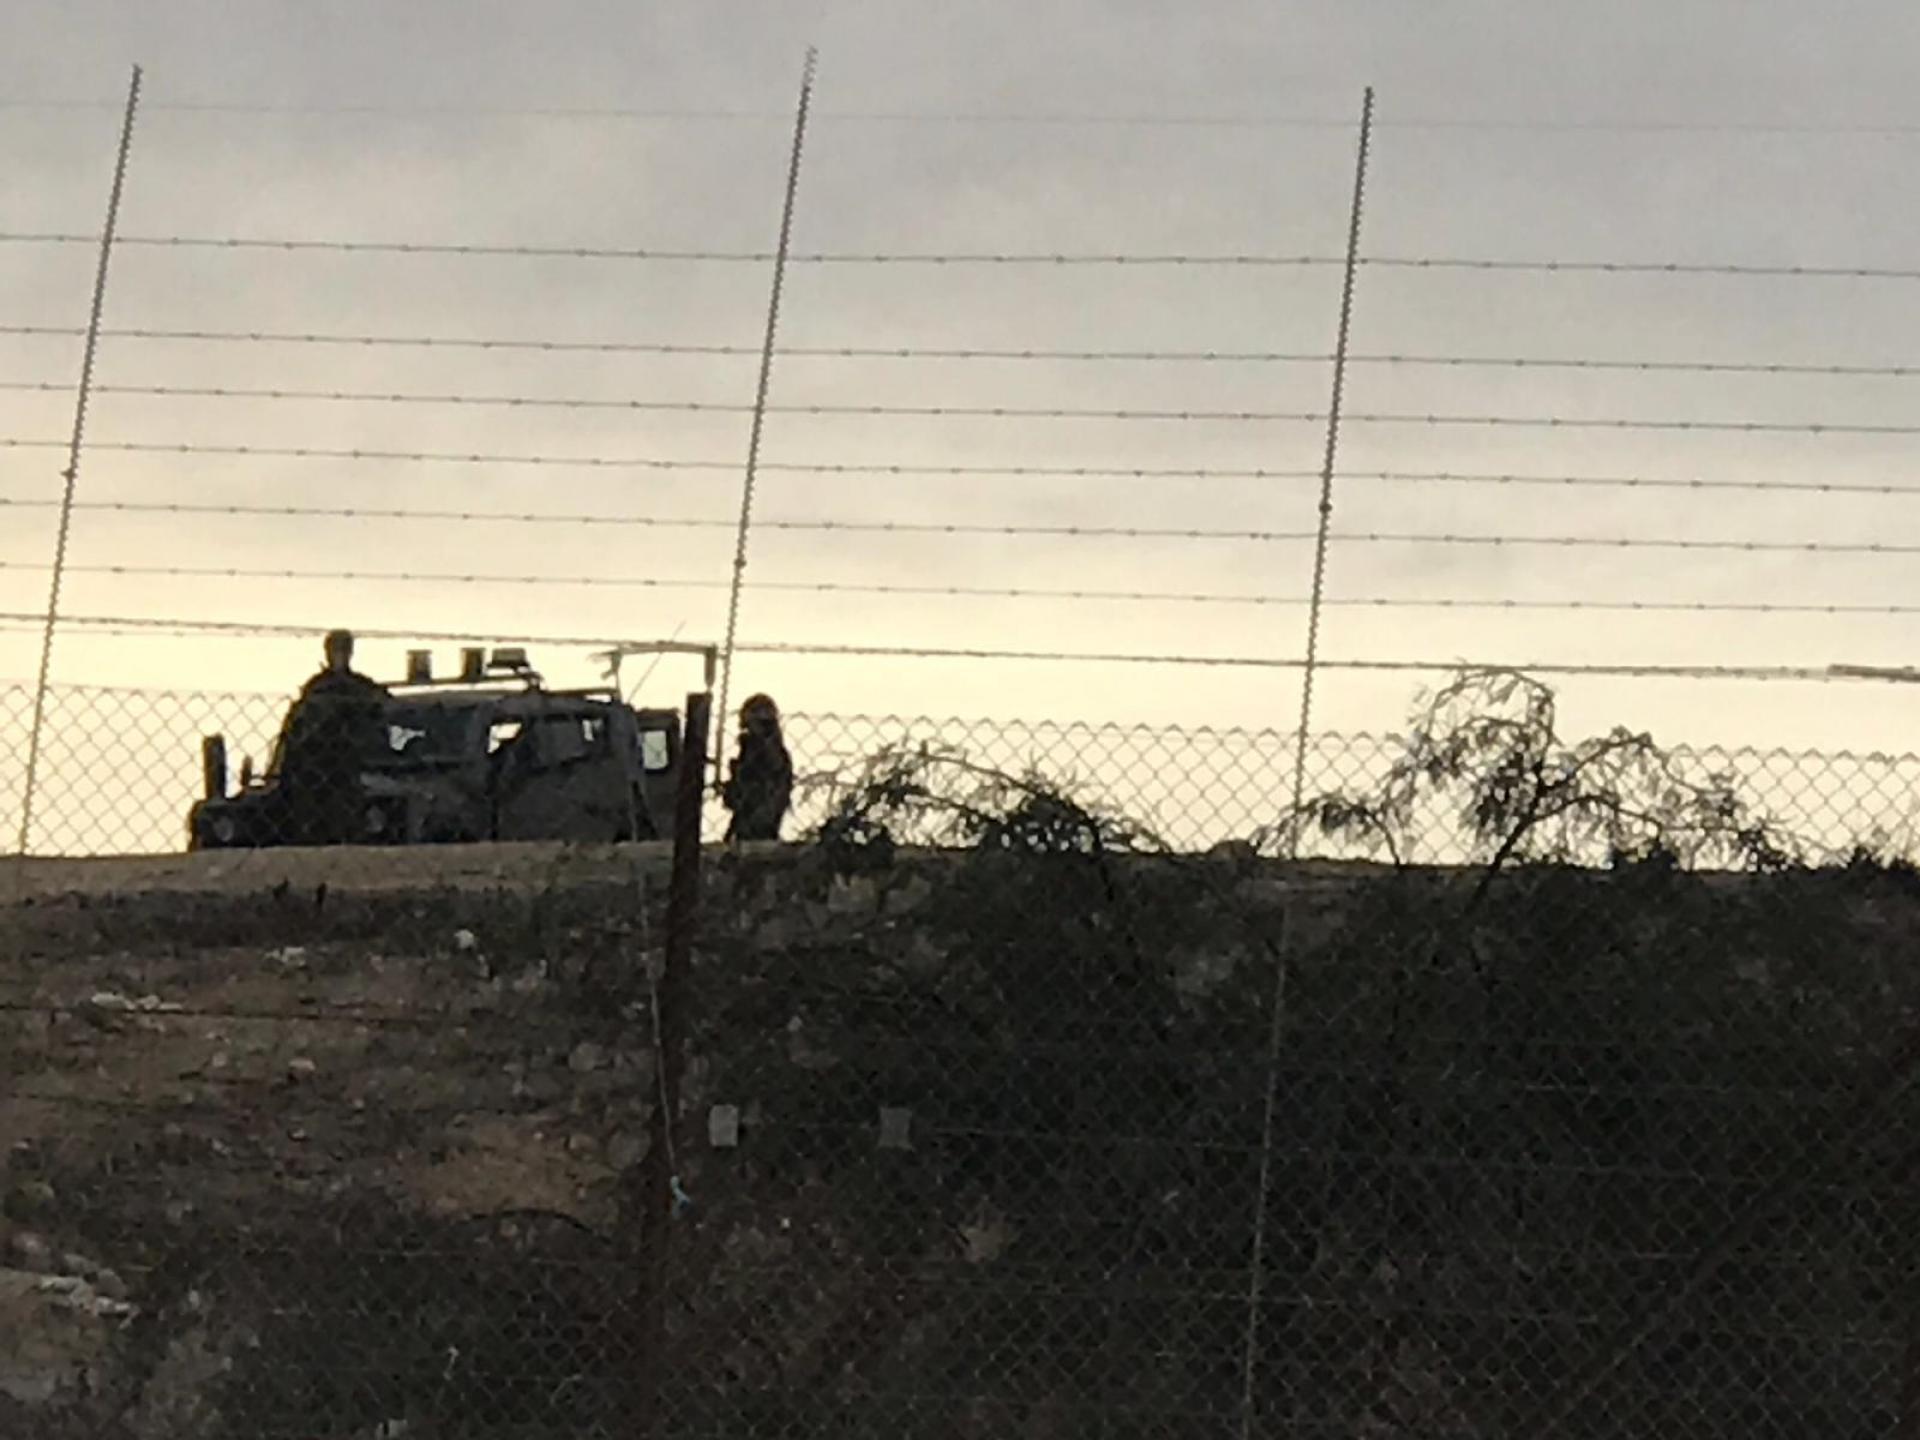 אחרי מעבר צומת שוקת נצפה ג'יפ צבאי ולידו צופים חיילים מאחורי הגדר בשטח A